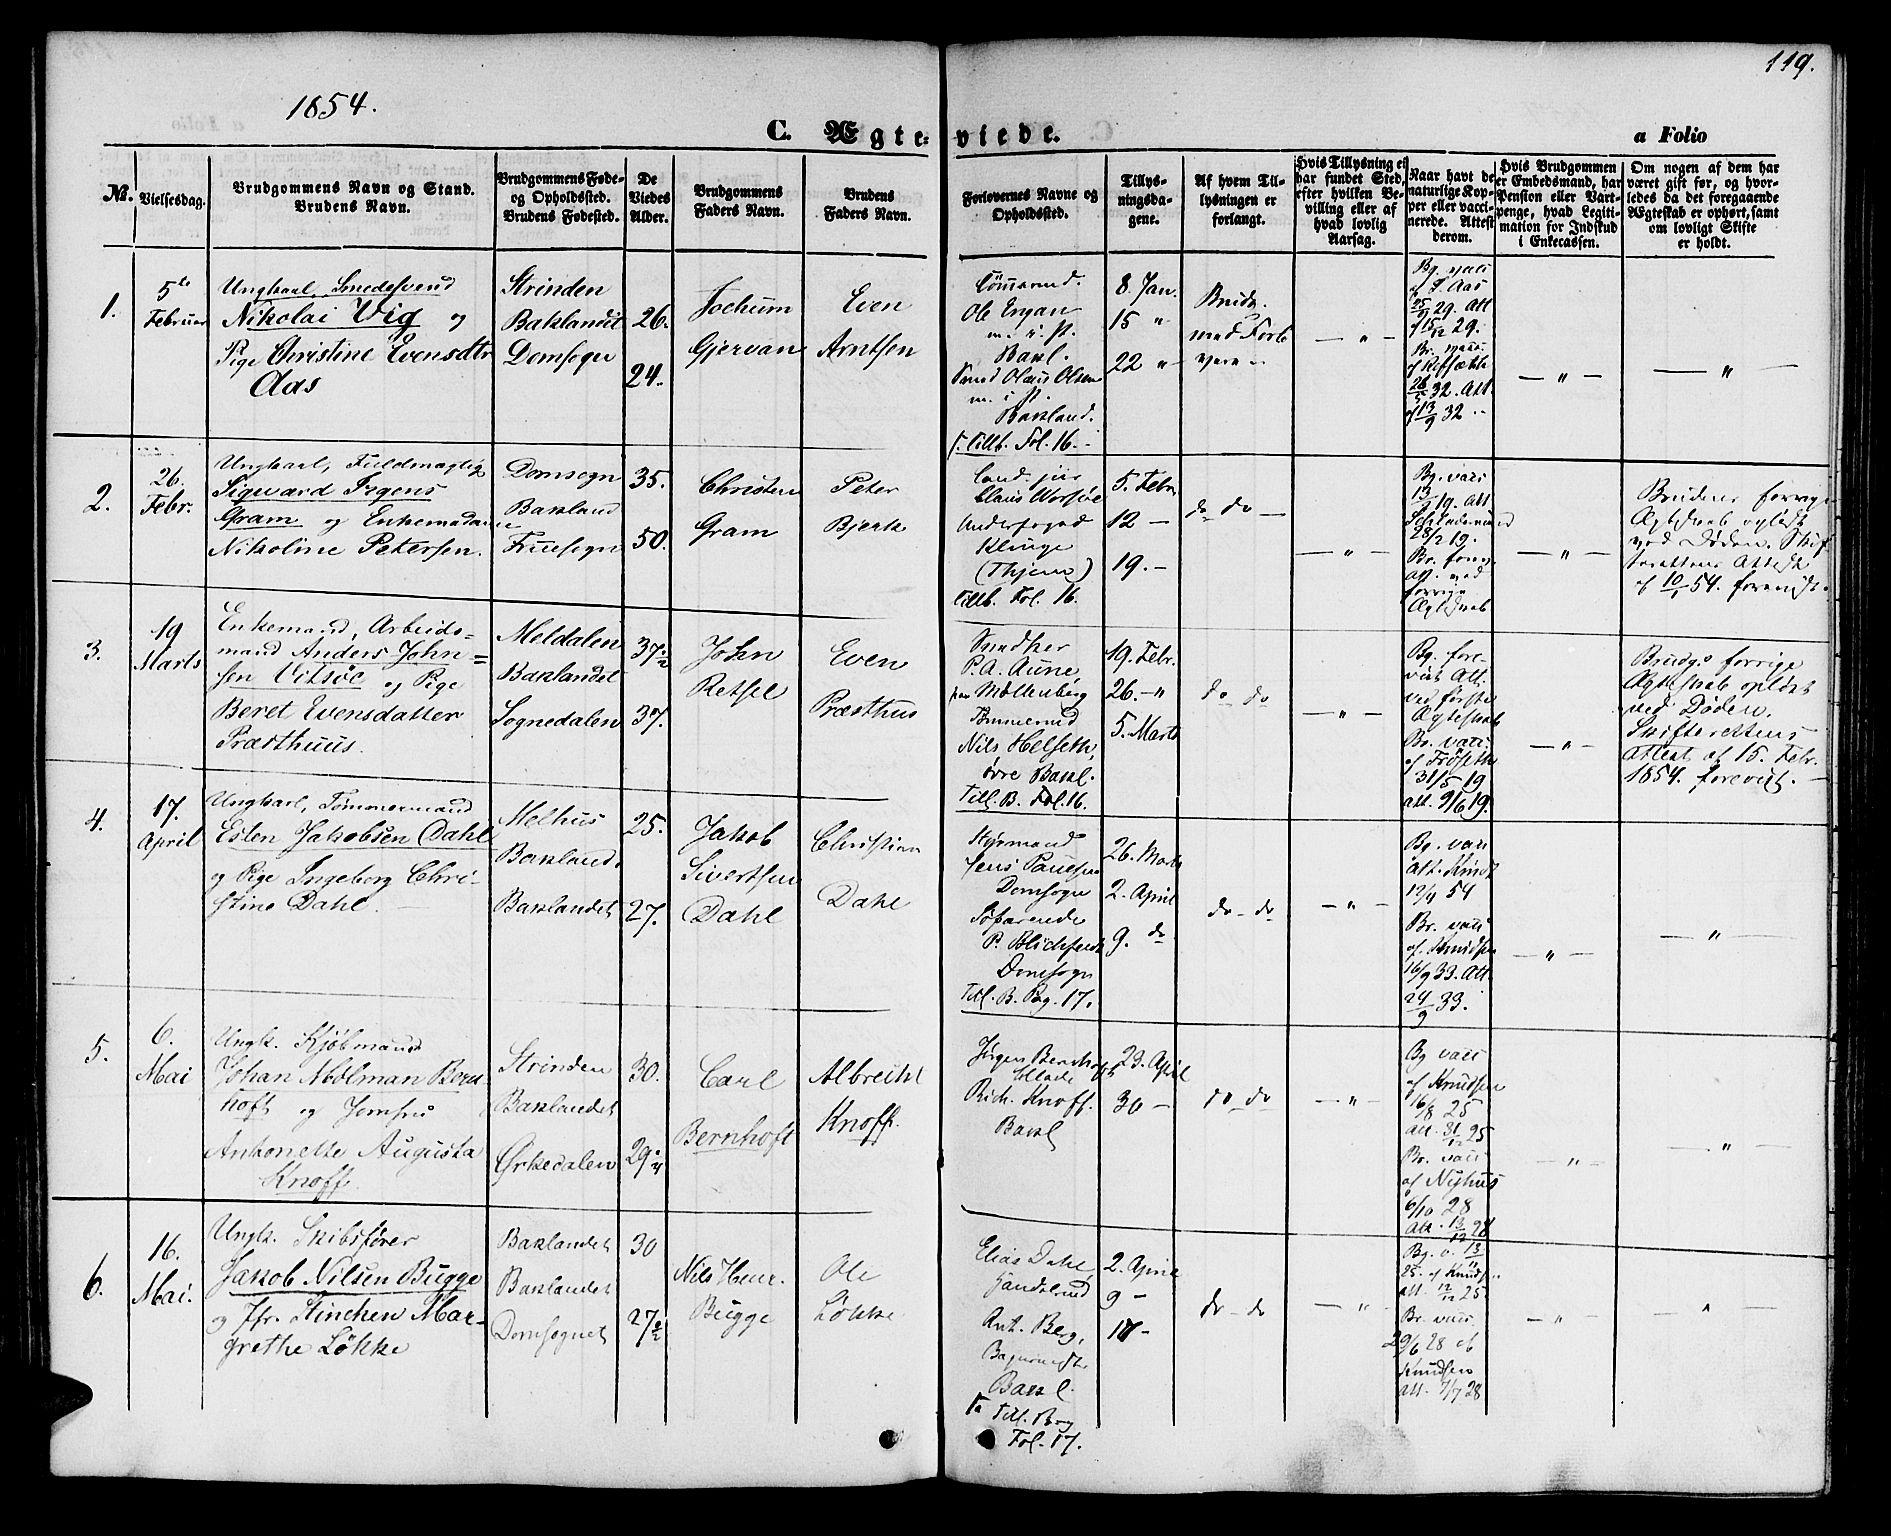 SAT, Ministerialprotokoller, klokkerbøker og fødselsregistre - Sør-Trøndelag, 604/L0184: Ministerialbok nr. 604A05, 1851-1860, s. 119